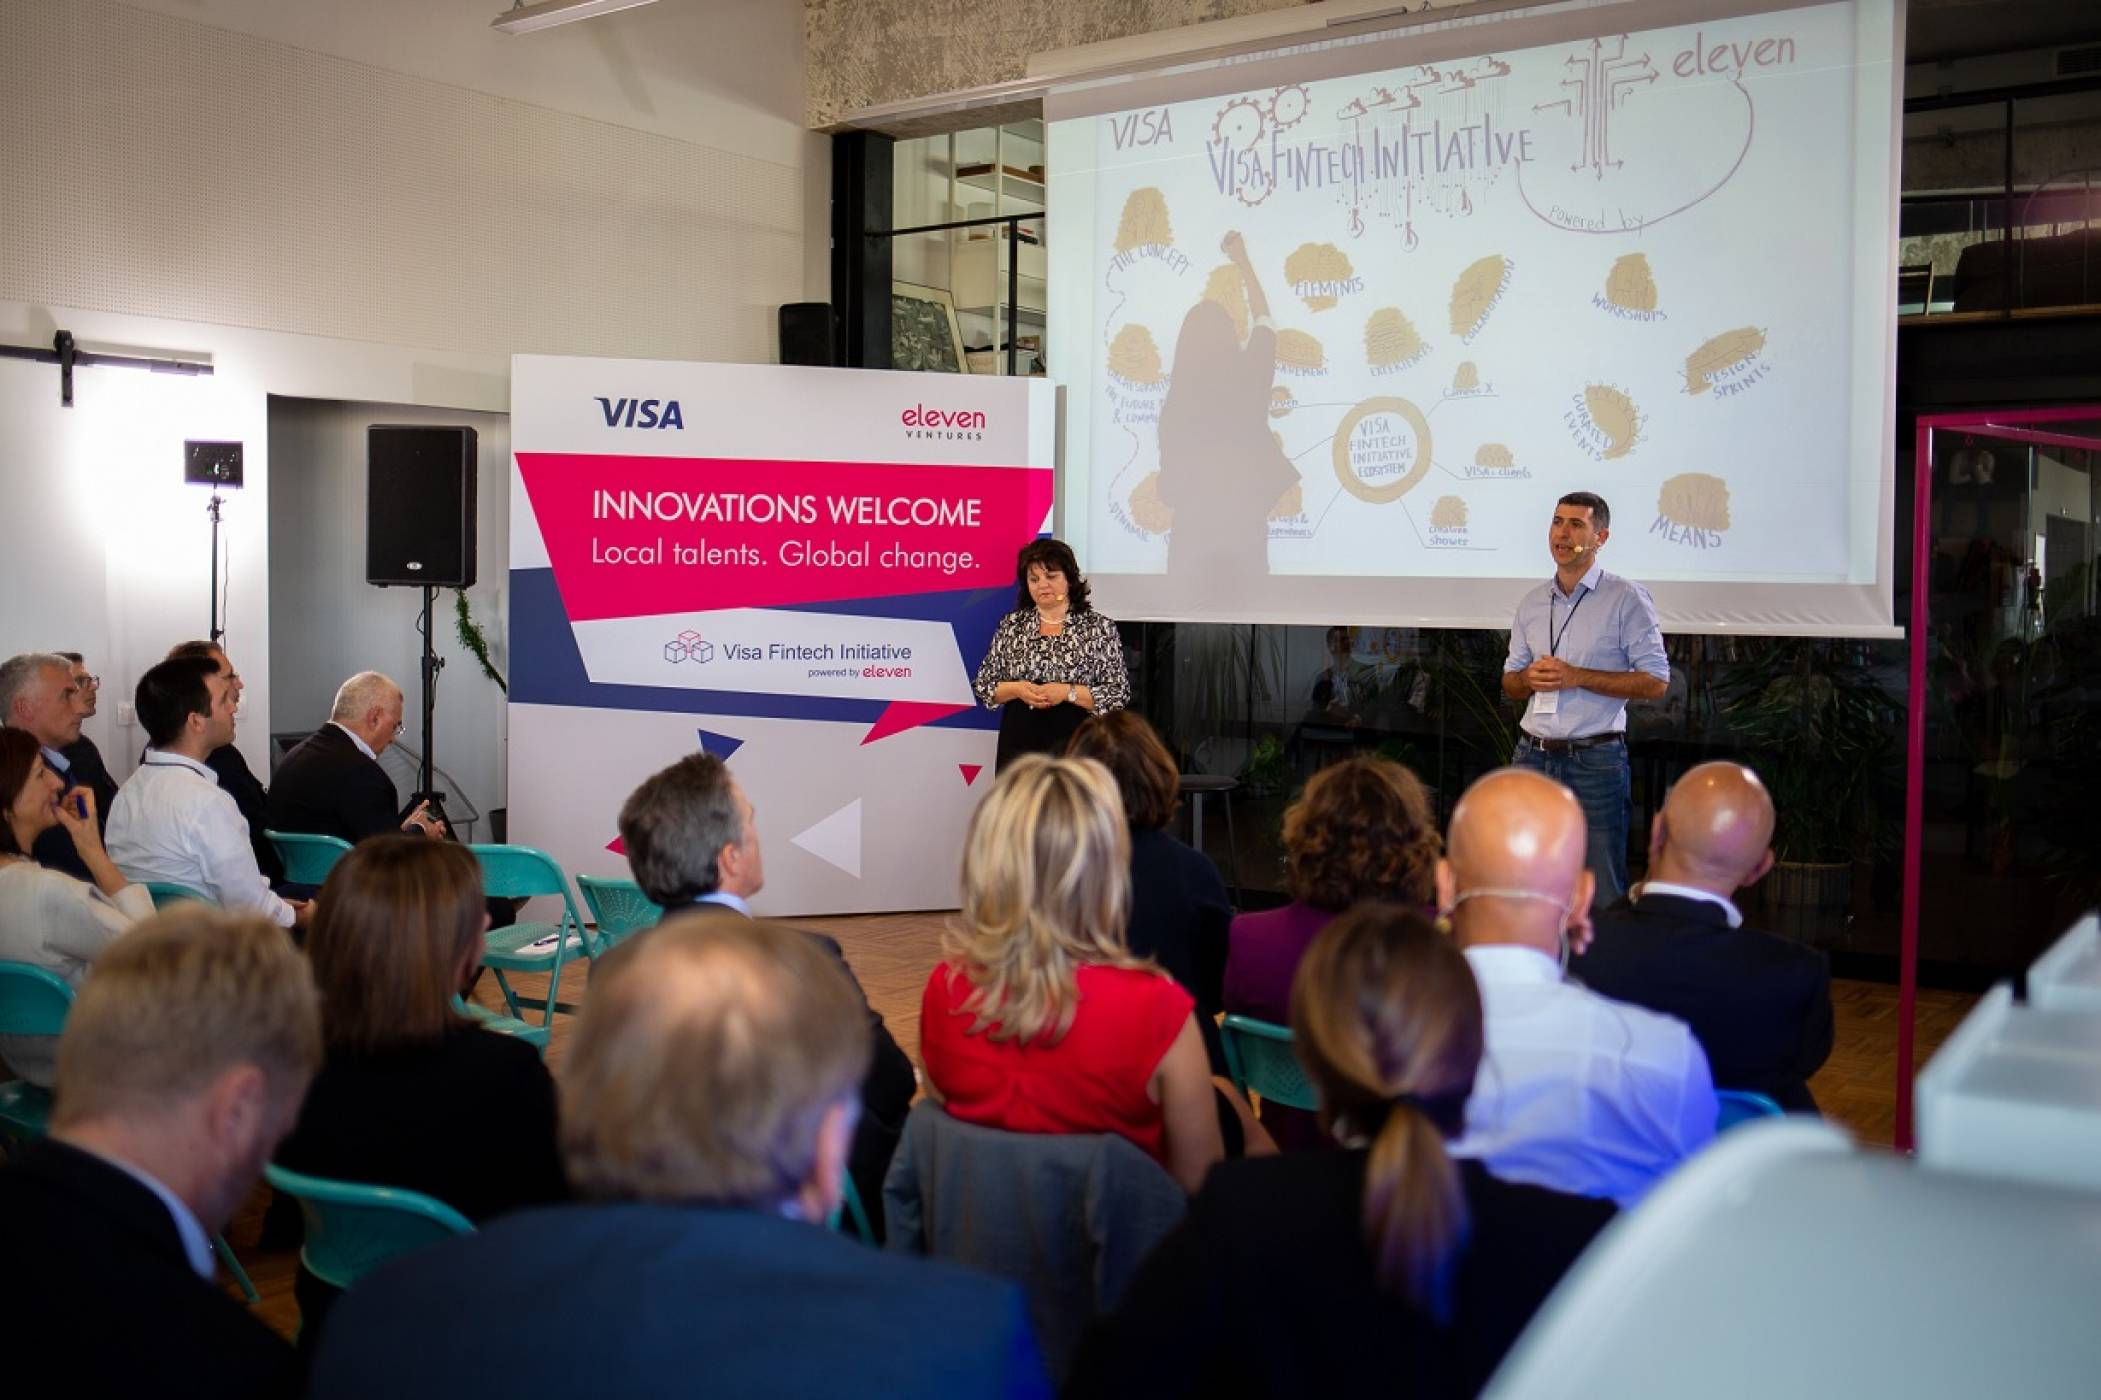 Visa и фондът Eleven обявиха партньорство, насочено към финтех стартъпи